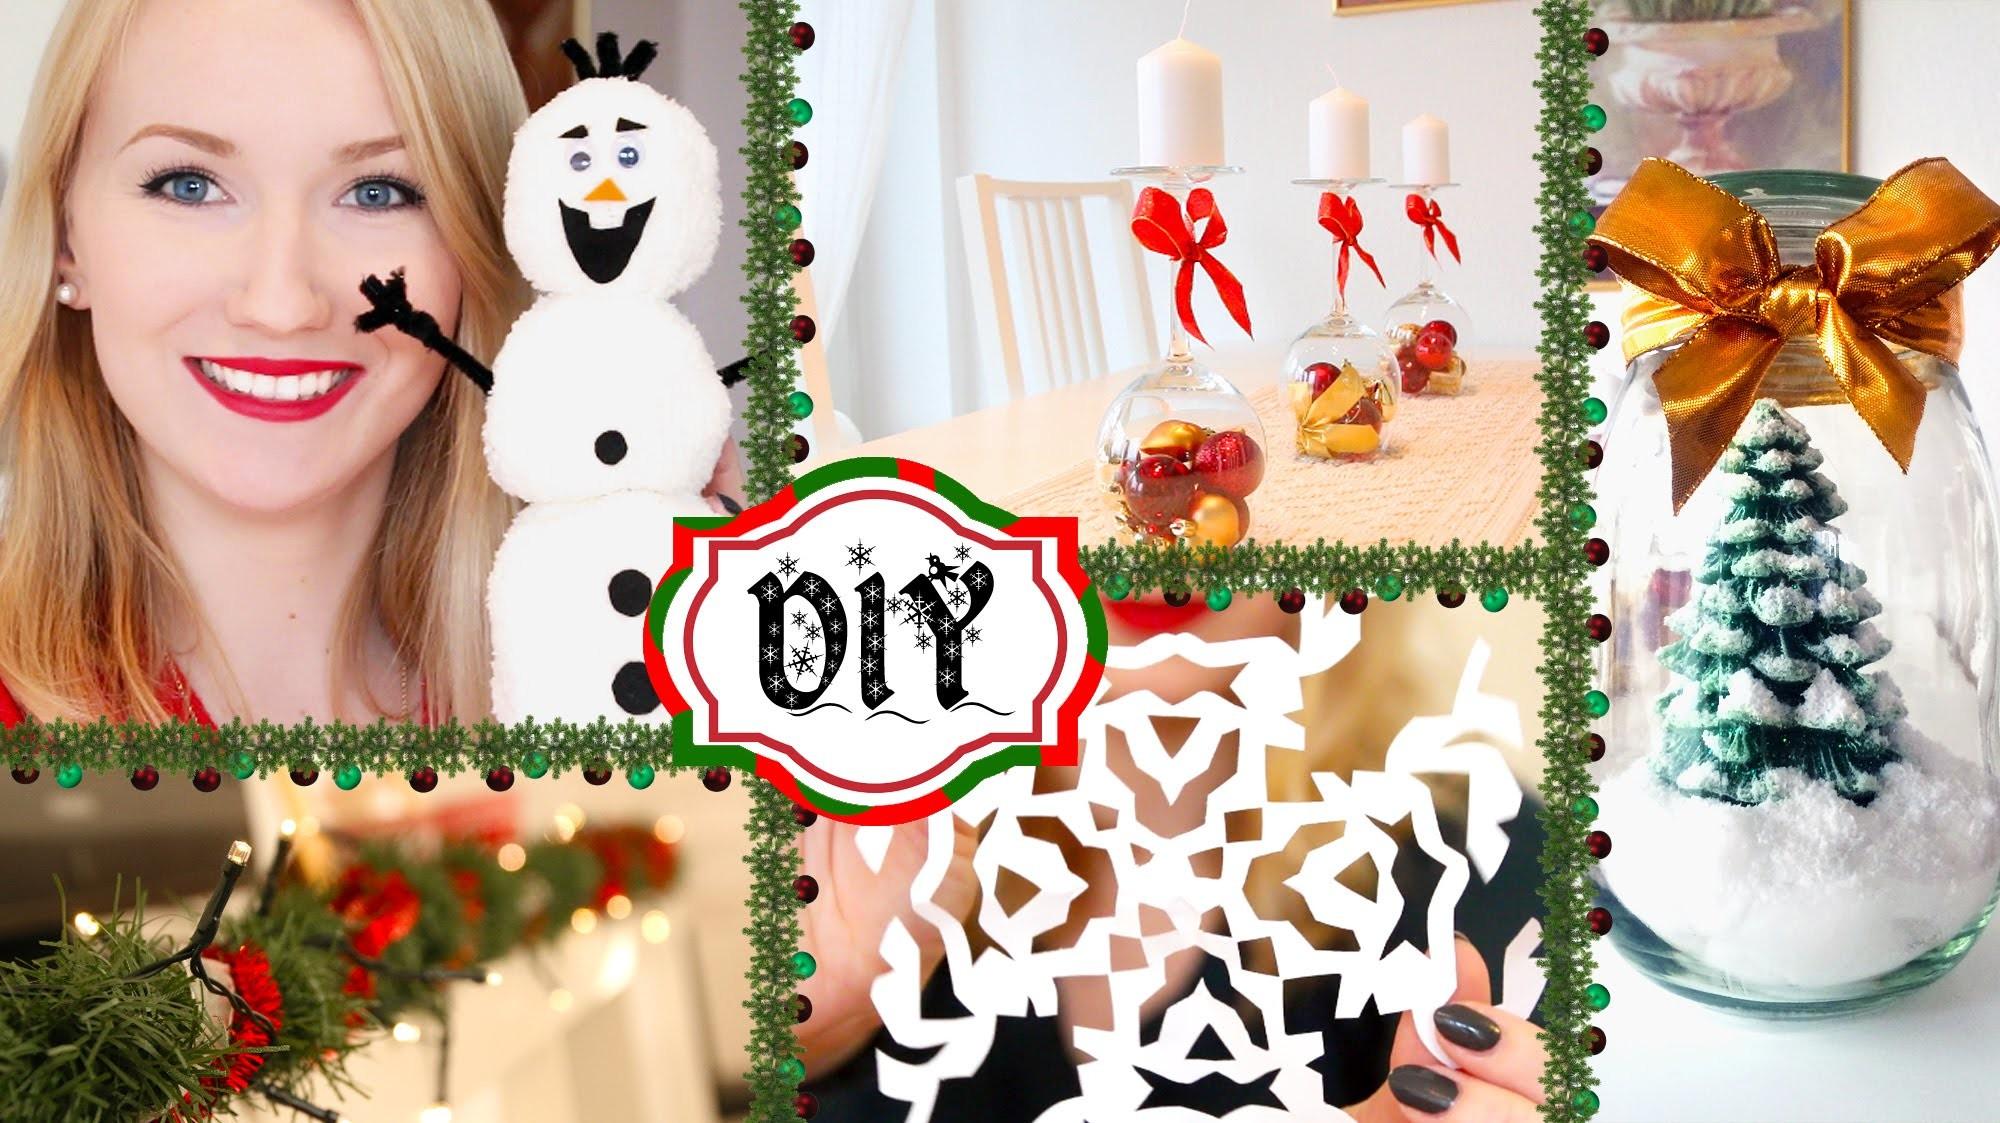 6 diy deko ideen f r weihnachten einfach g nstig. Black Bedroom Furniture Sets. Home Design Ideas